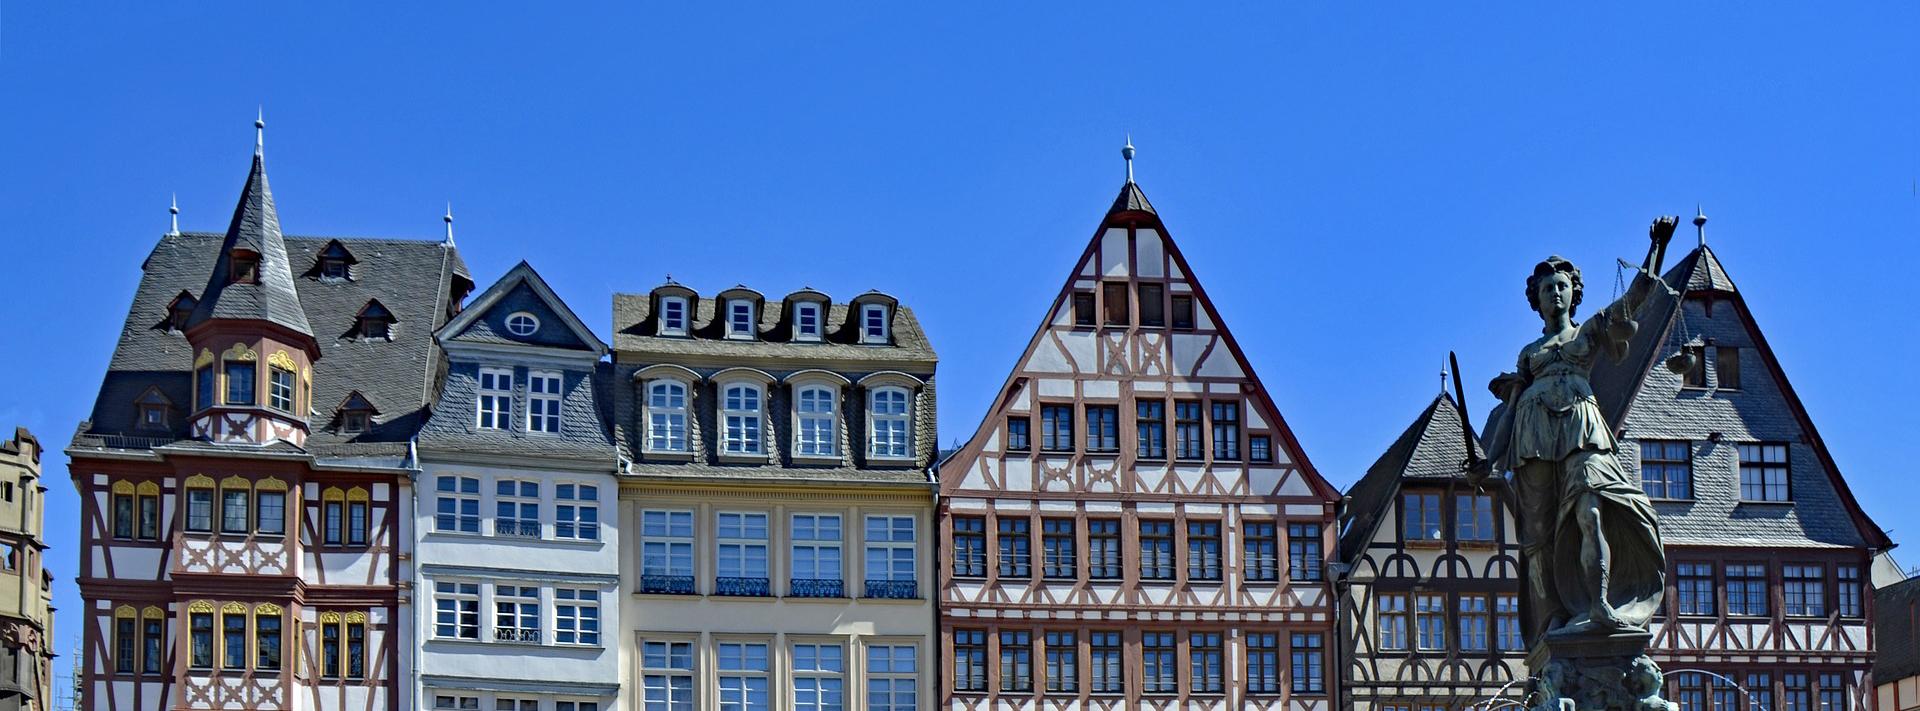 Frankfurt Sehenswürdigkeiten in der Altstadt